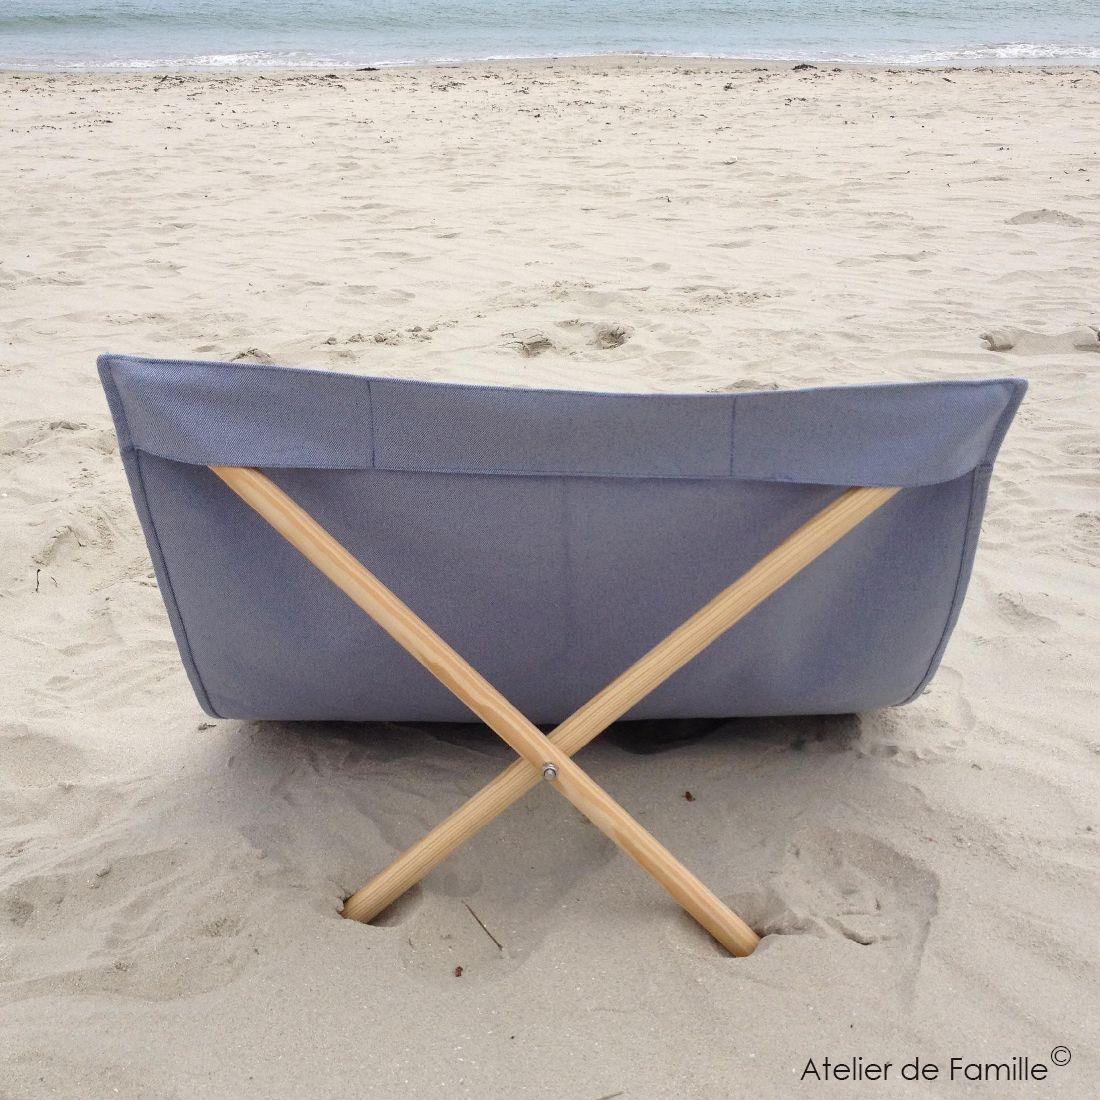 transat de plage bleu gris - Transat De Plage